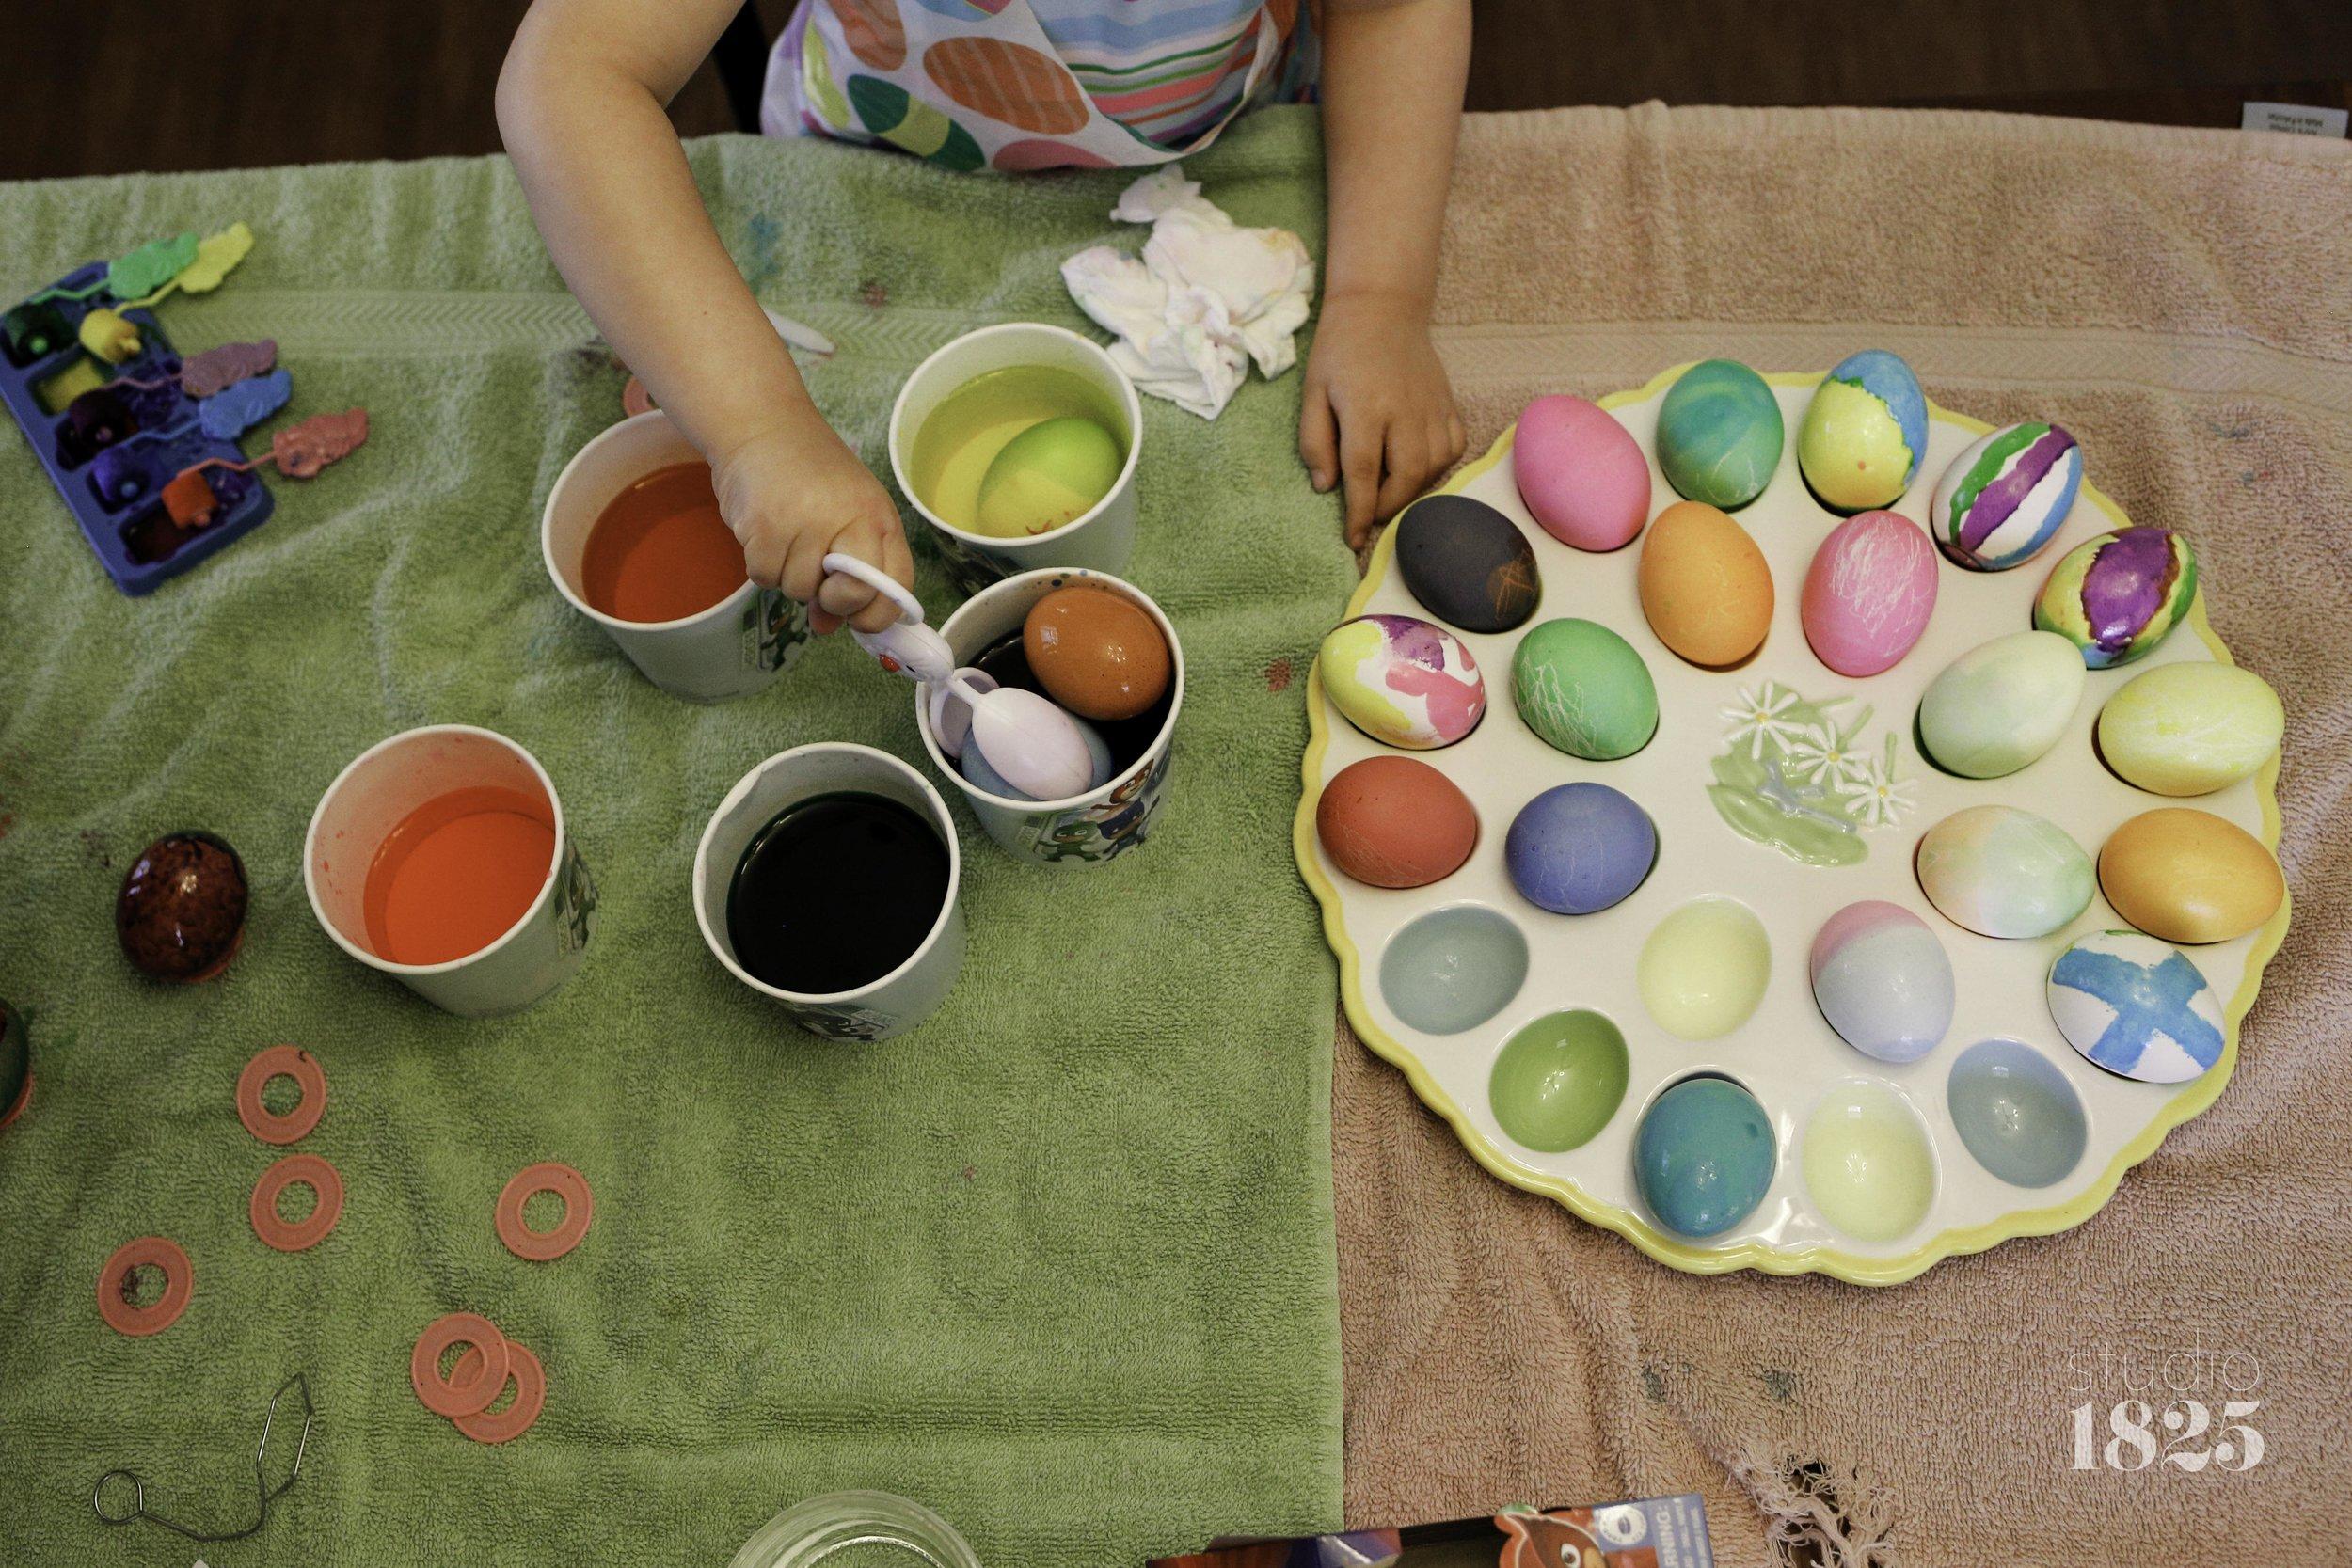 Spring_Documentary_Easter_Studio_1825-207.jpg